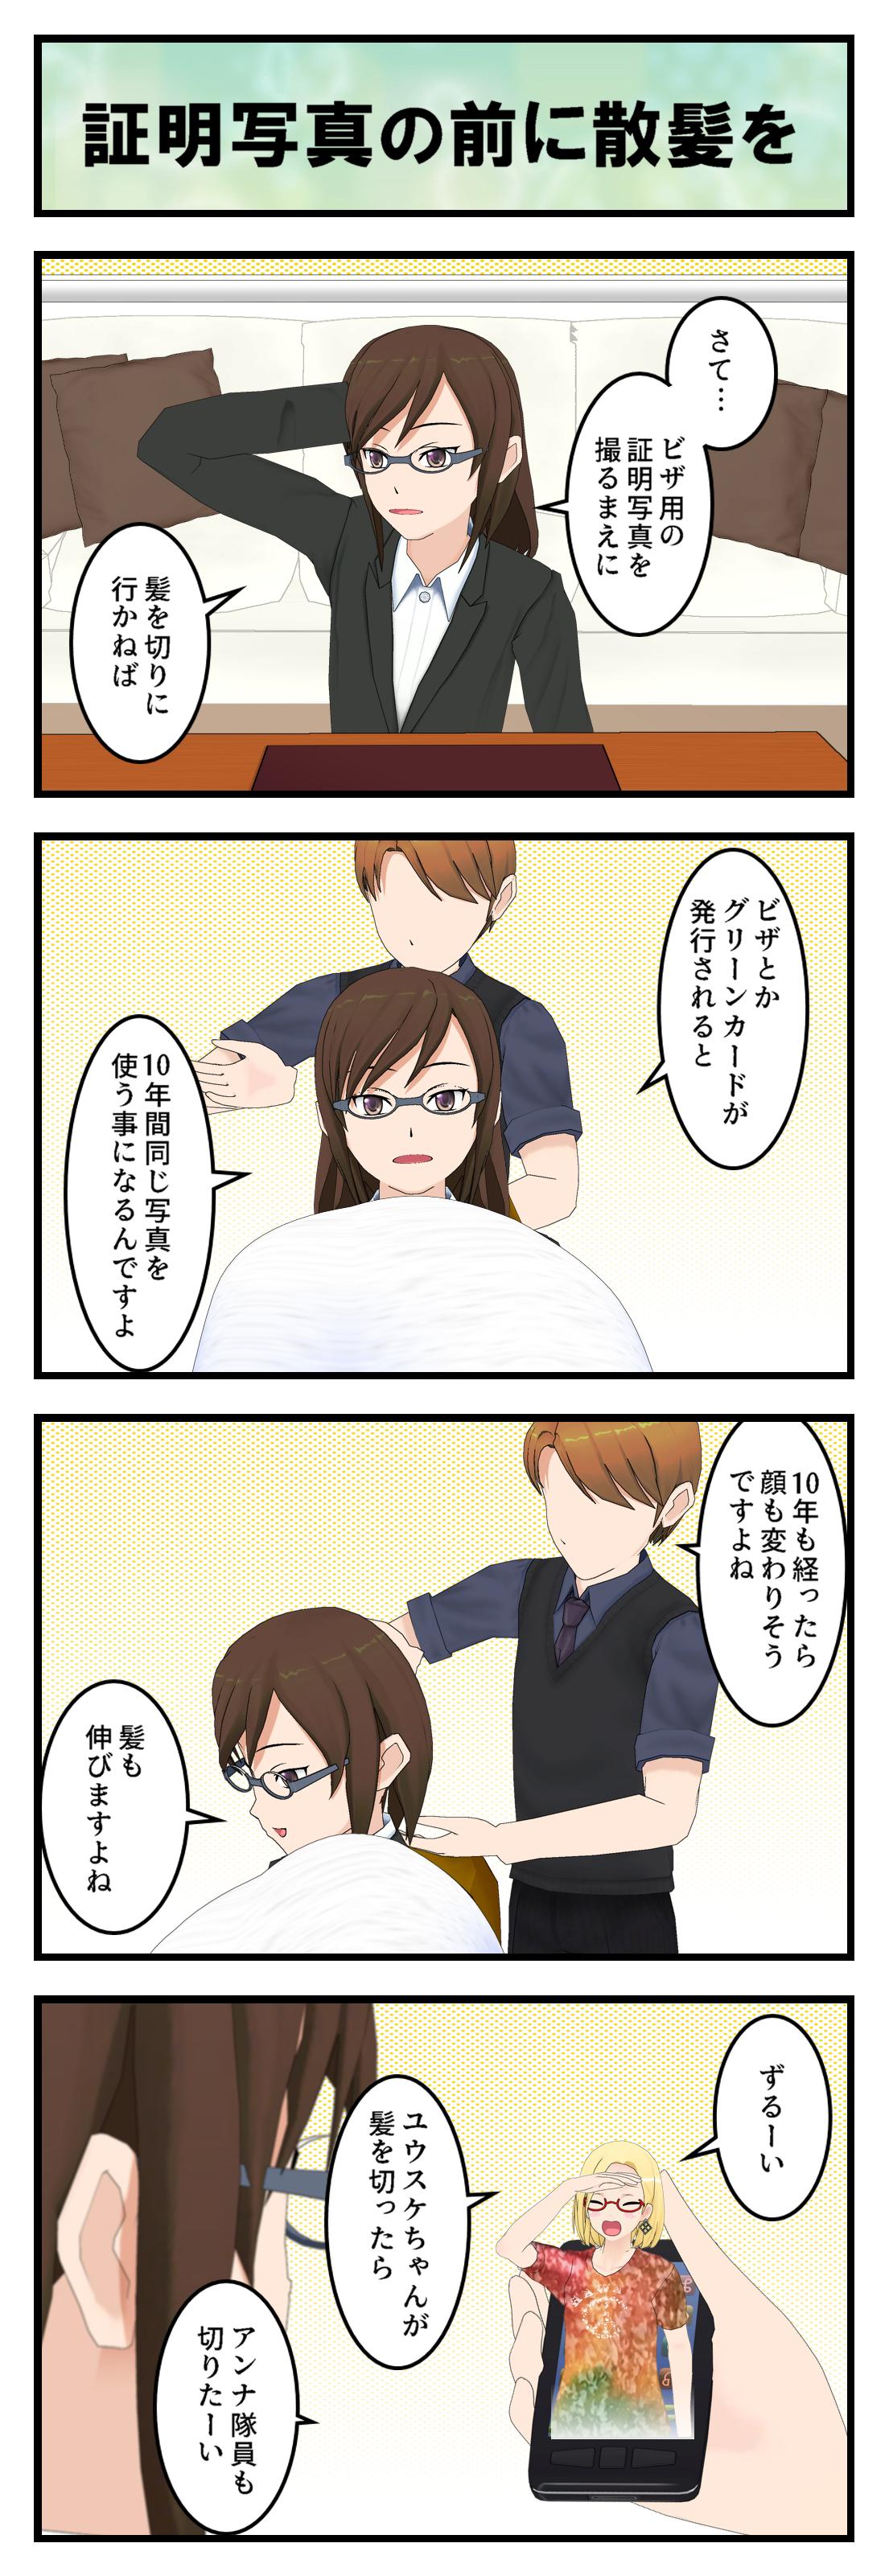 Q156_美容室_001